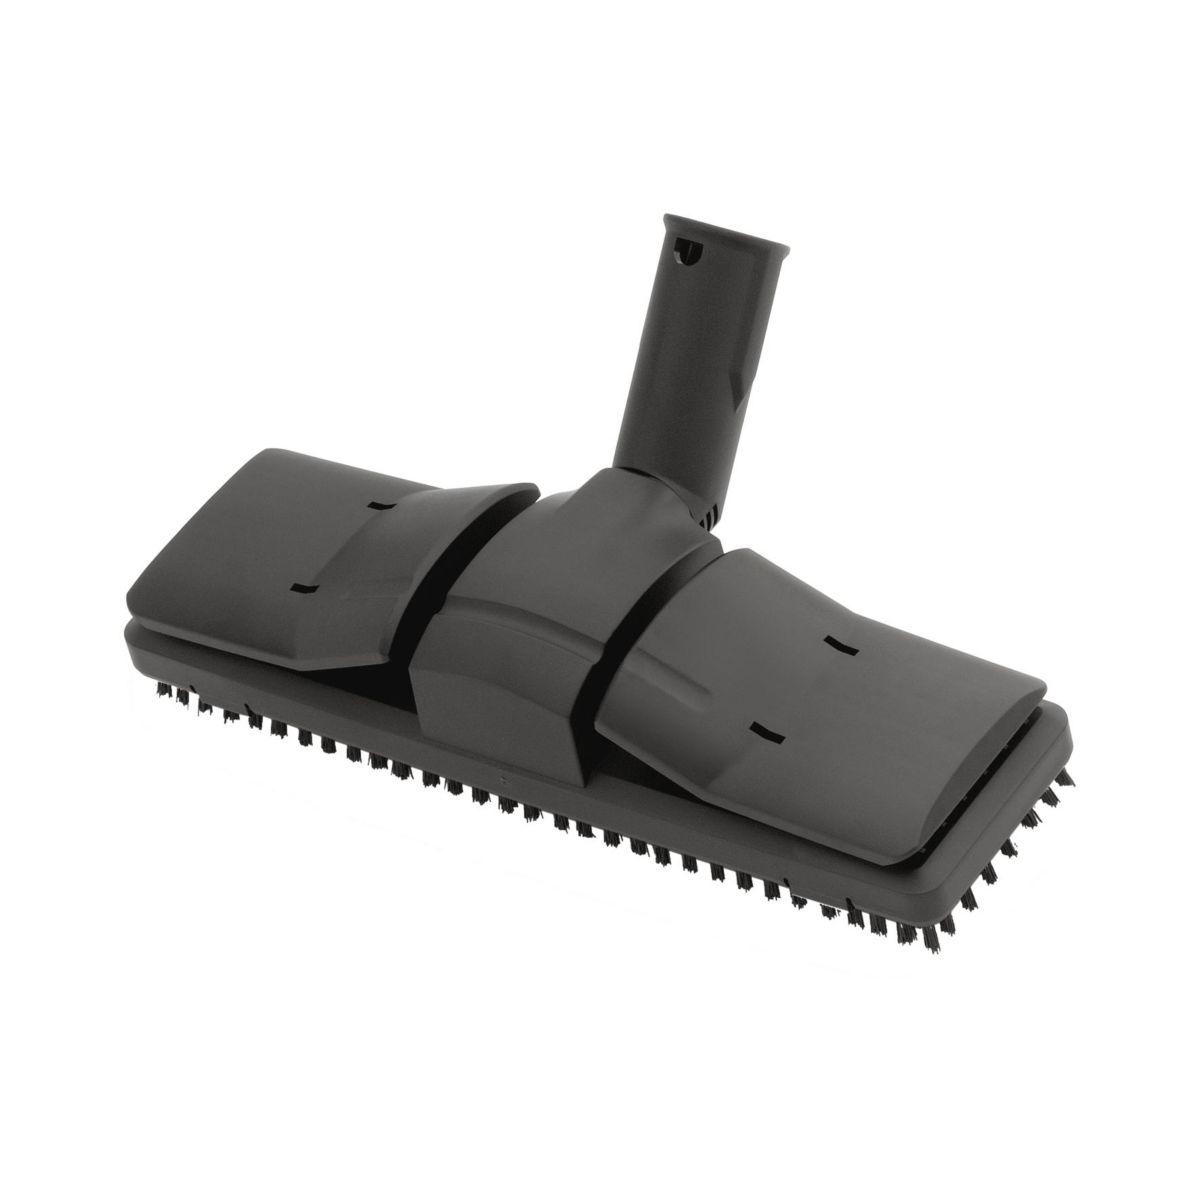 K rcher brosse poils durs pour nettoyeur - Defroisseur vapeur comparer les prix ...